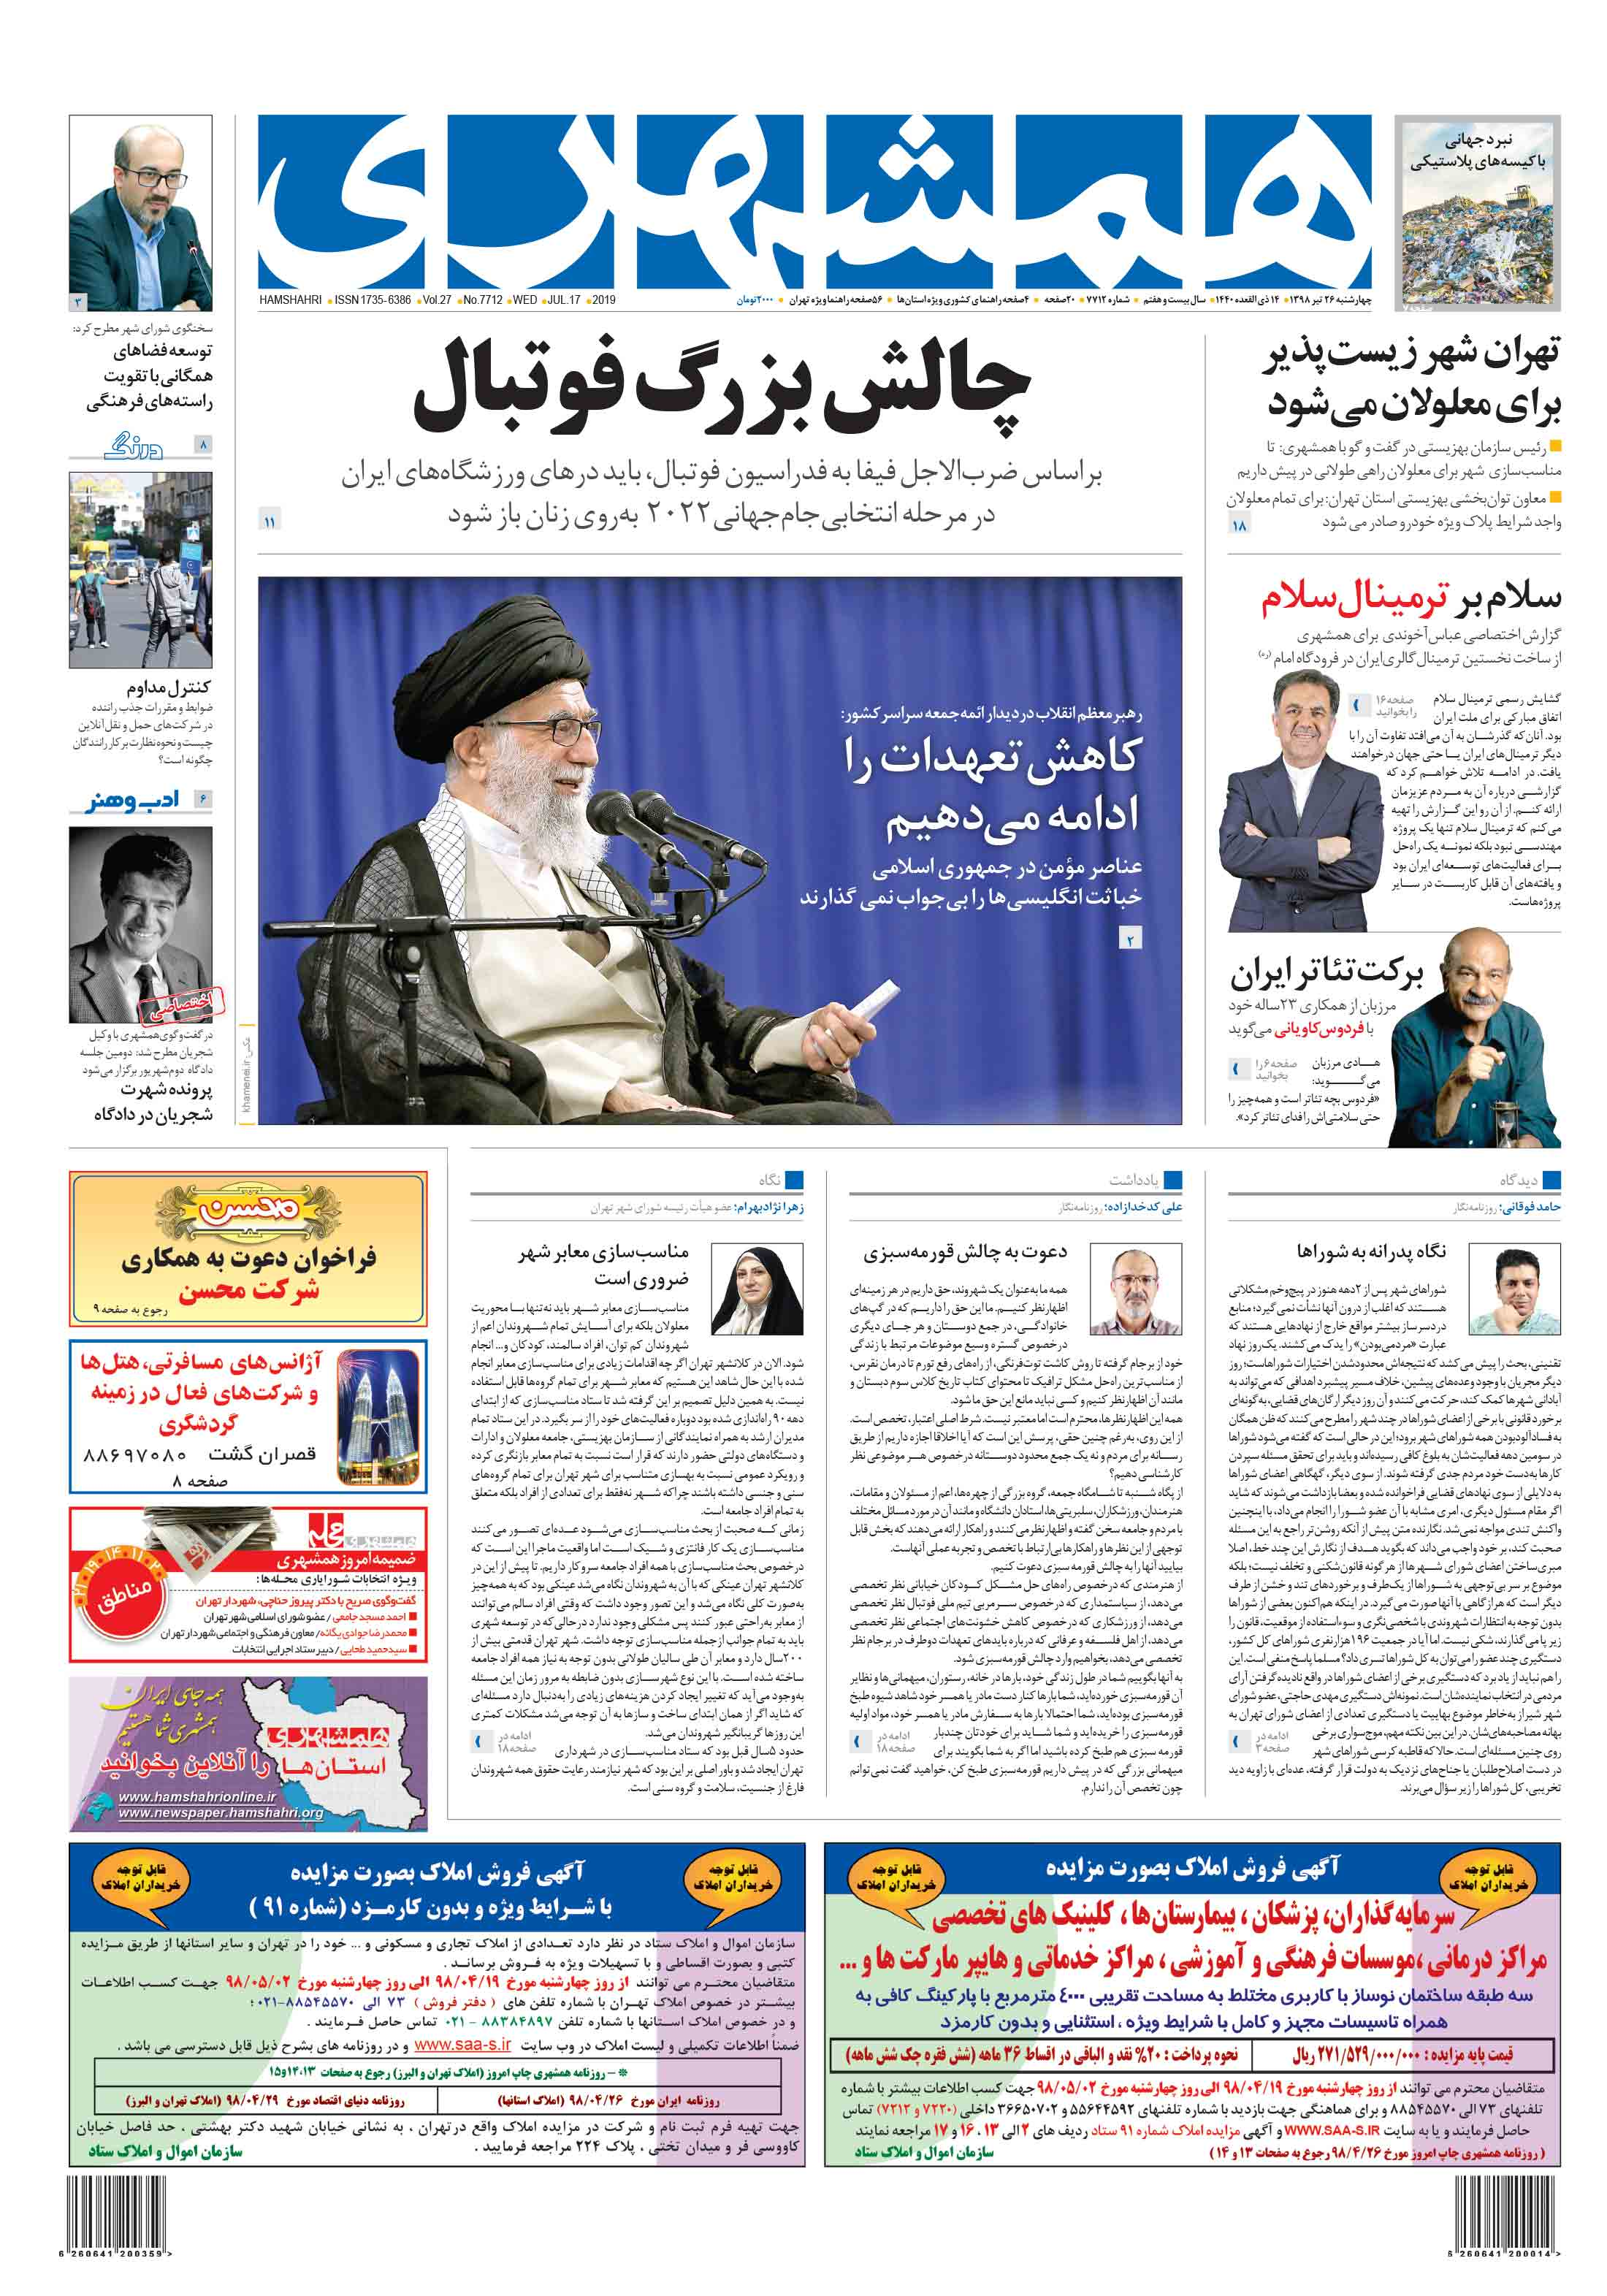 صفحه اول چهارشنبه 26 تیر 1398